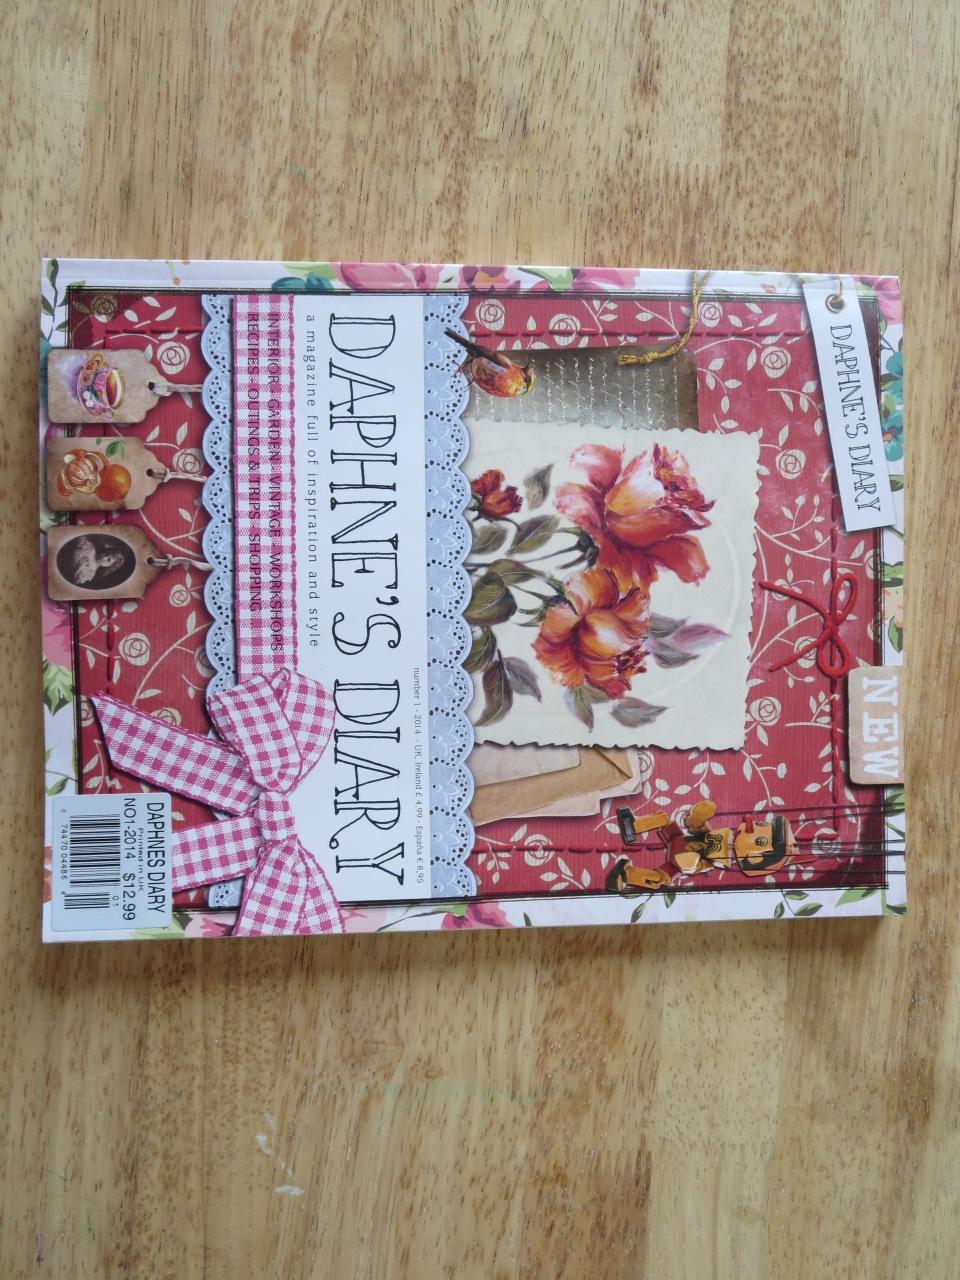 Love this magazine